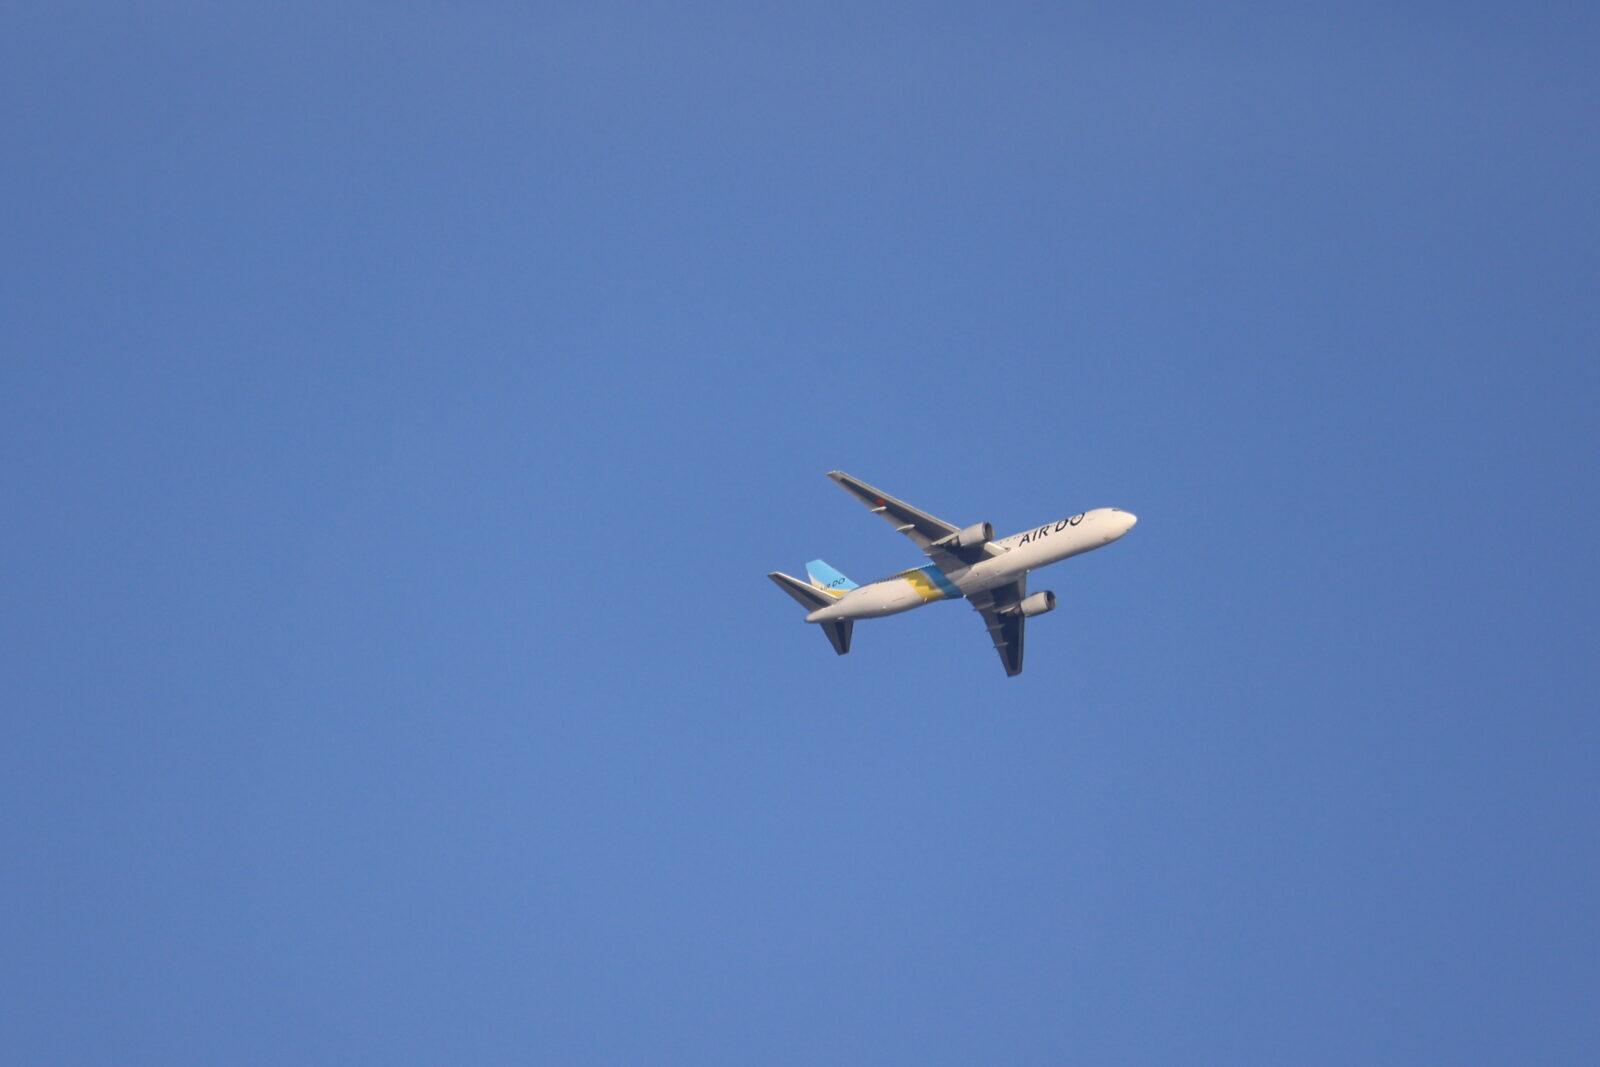 立待岬上空を飛行するAIRDOの小型ジェット機